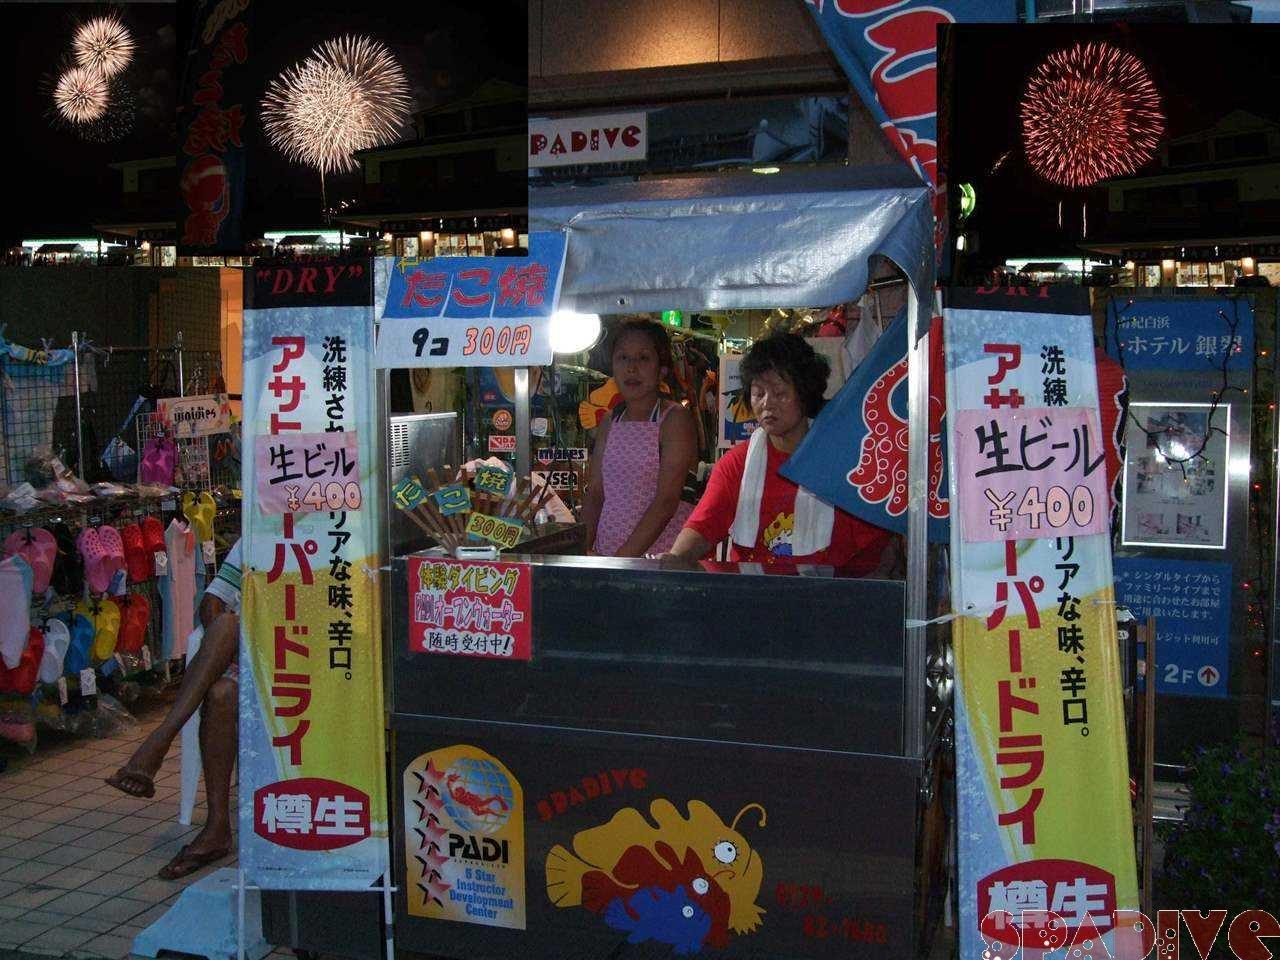 白浜花火フェスティバル|店頭たこ焼き|白良浜7/31/2008